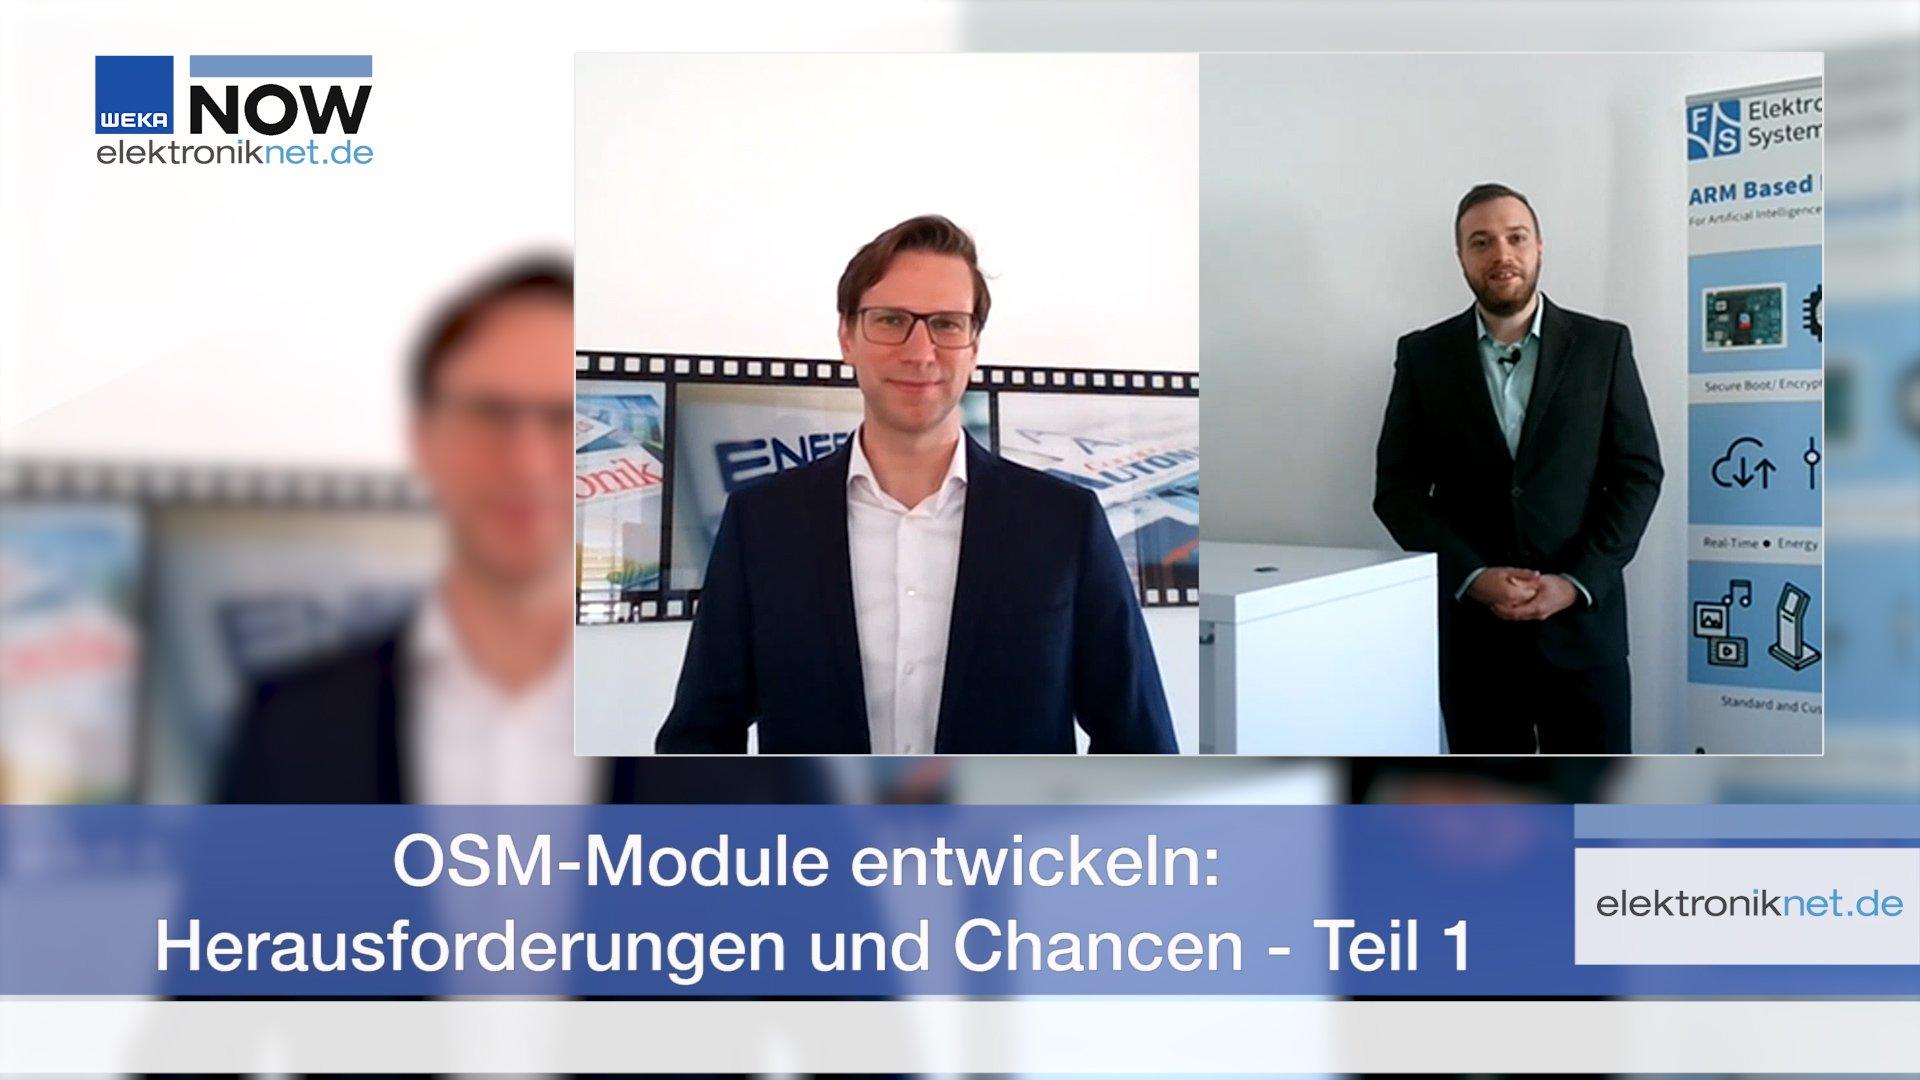 OSM-Module entwickeln: Herausforderungen und Chancen – Teil 1